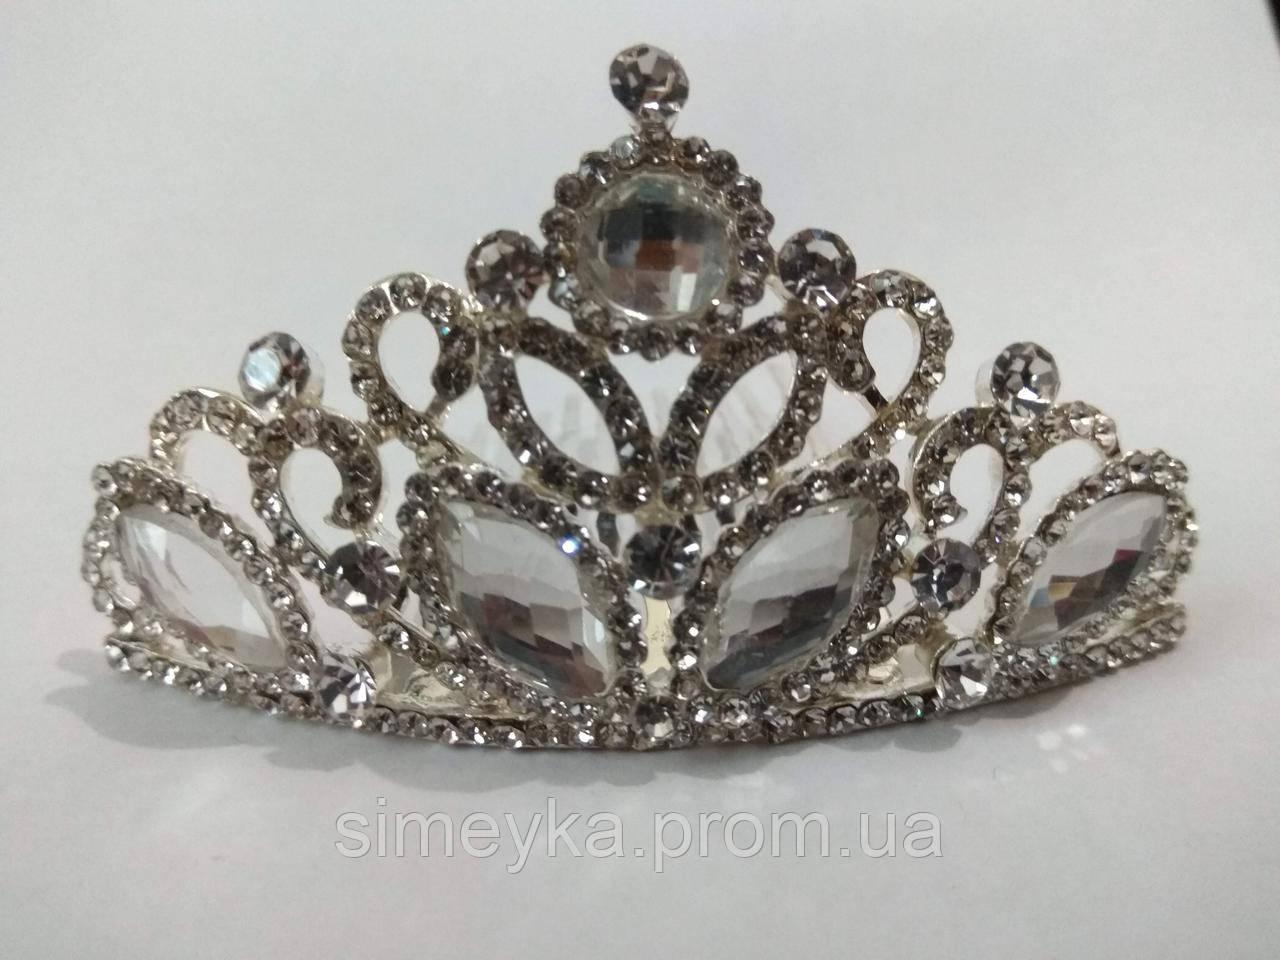 Діадема (корона, тіара) на гребінці, довжина 8 см, висота 4,5 см